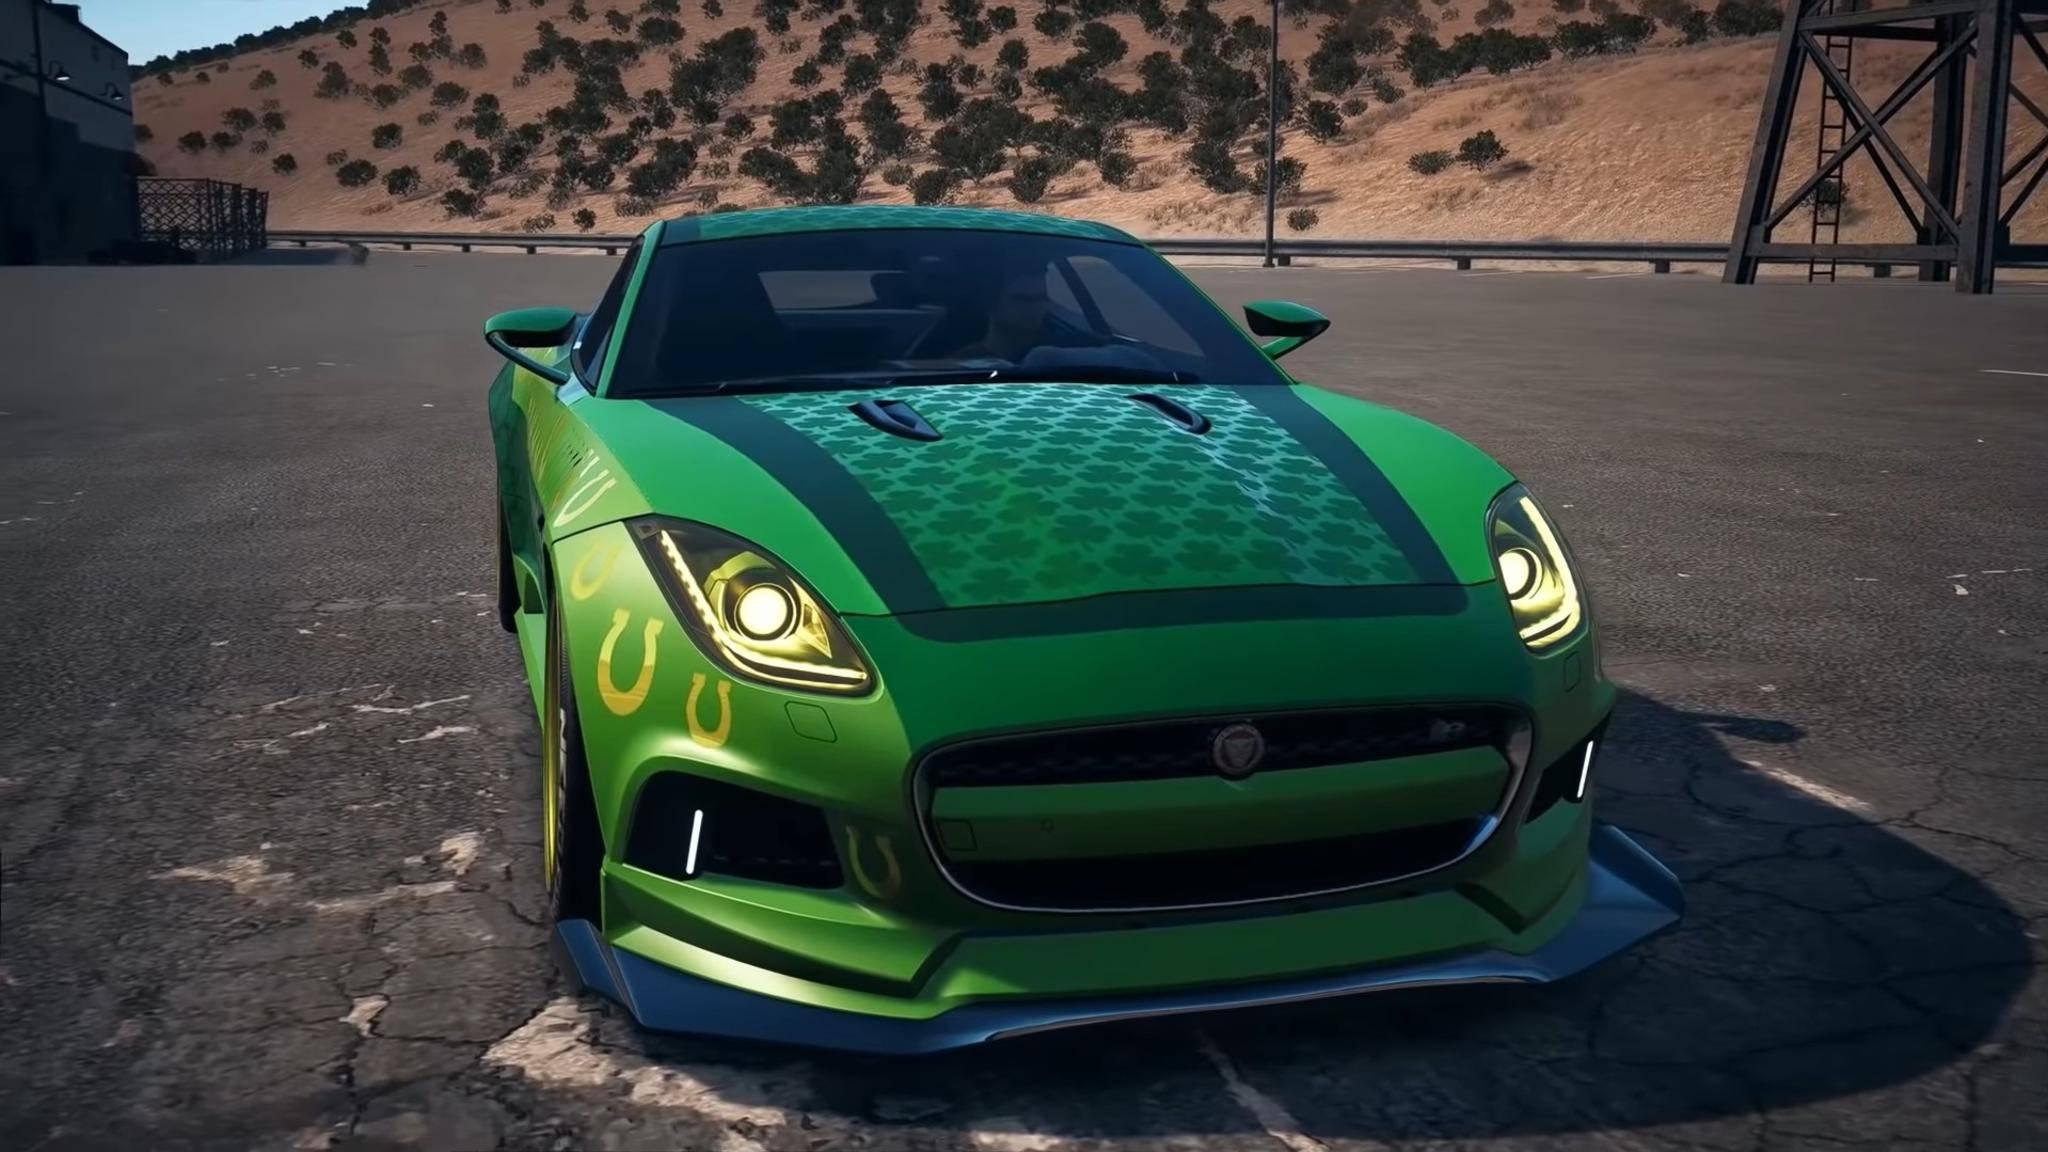 Das stillgelegte dieser Woche ist ein Jaguar F-Type in den Farben von St. Patrick.